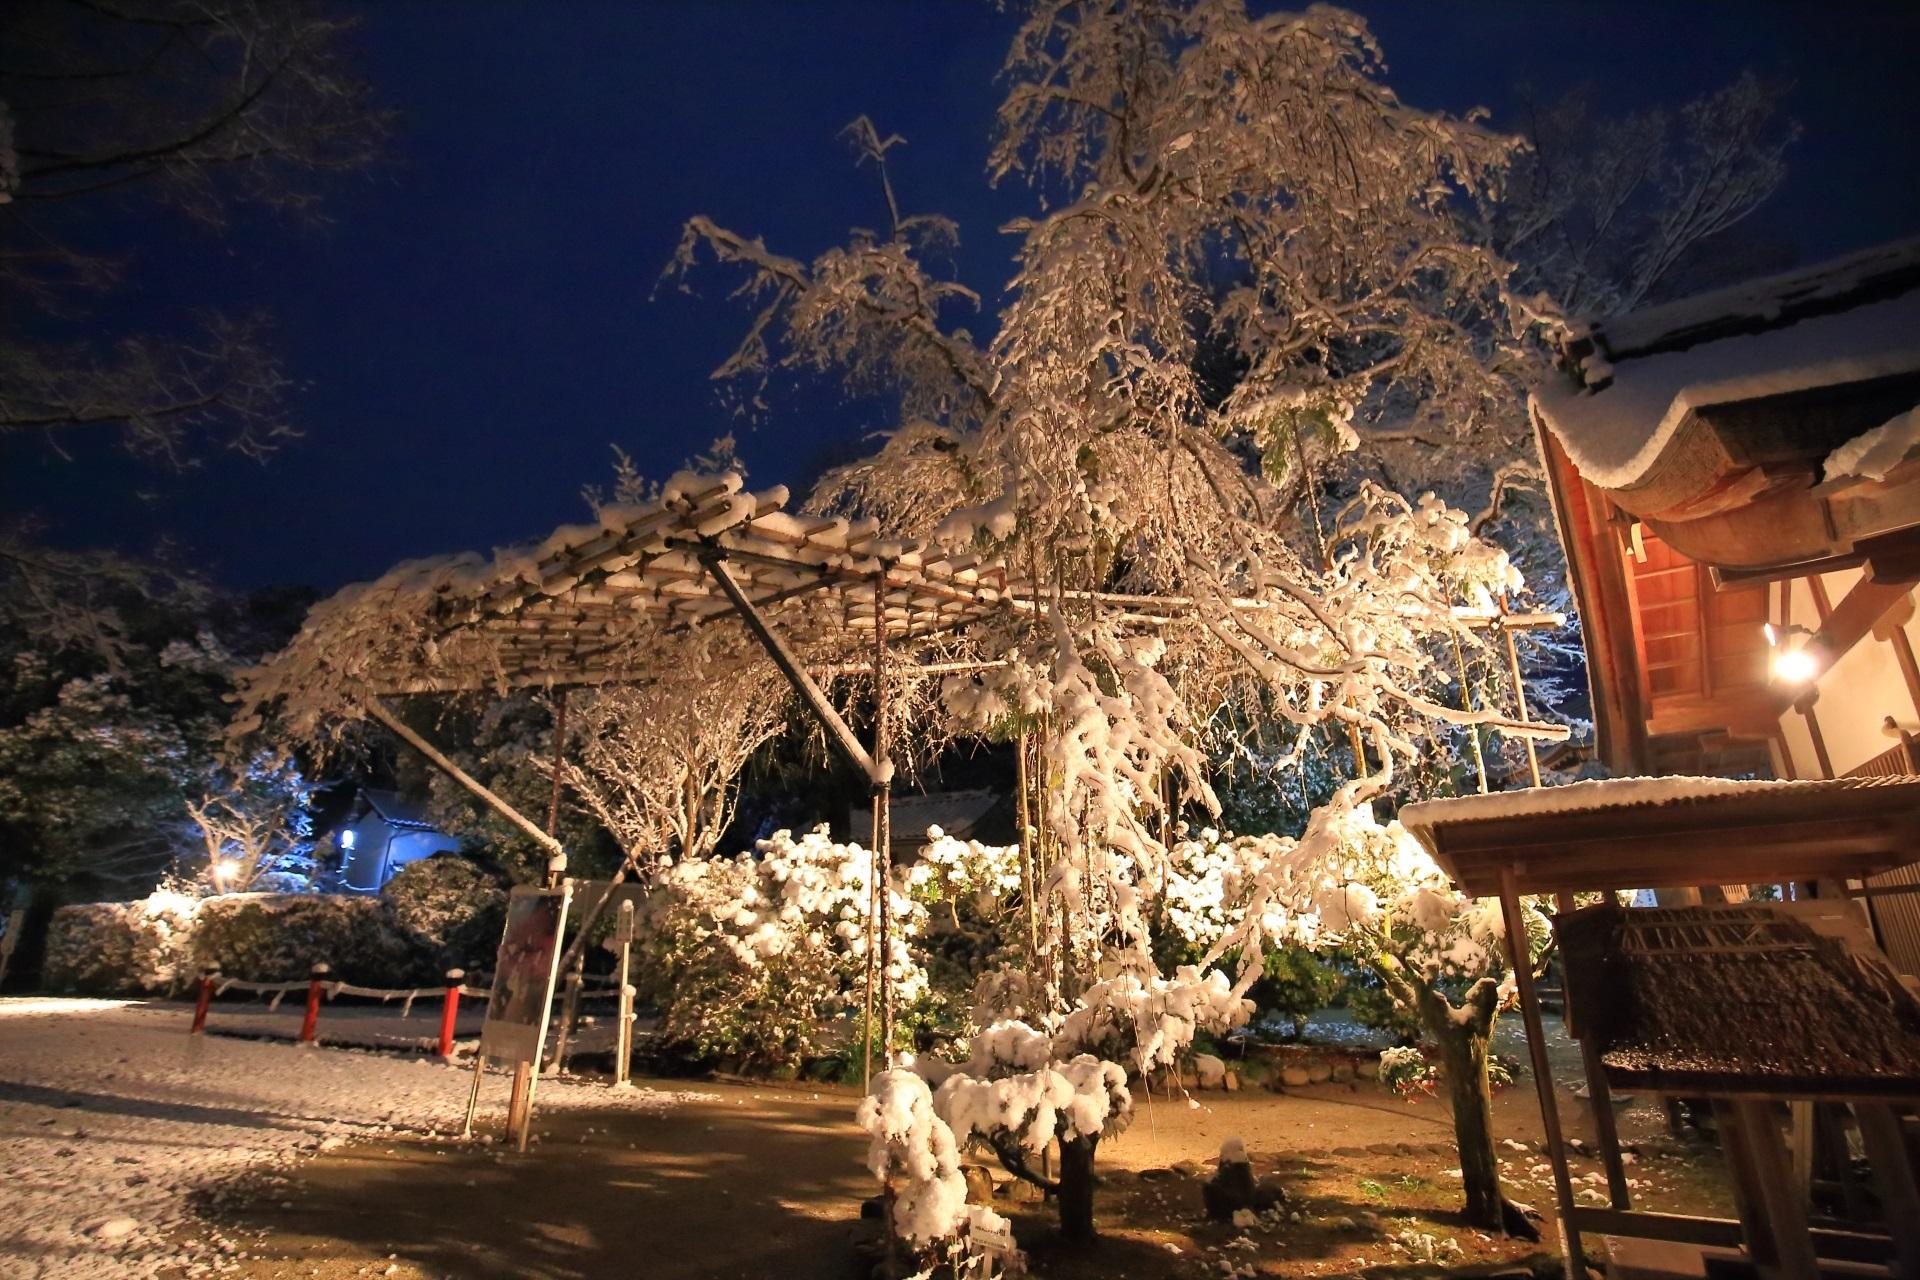 上賀茂神社の夜空を華やぐみあれ桜の雪の花